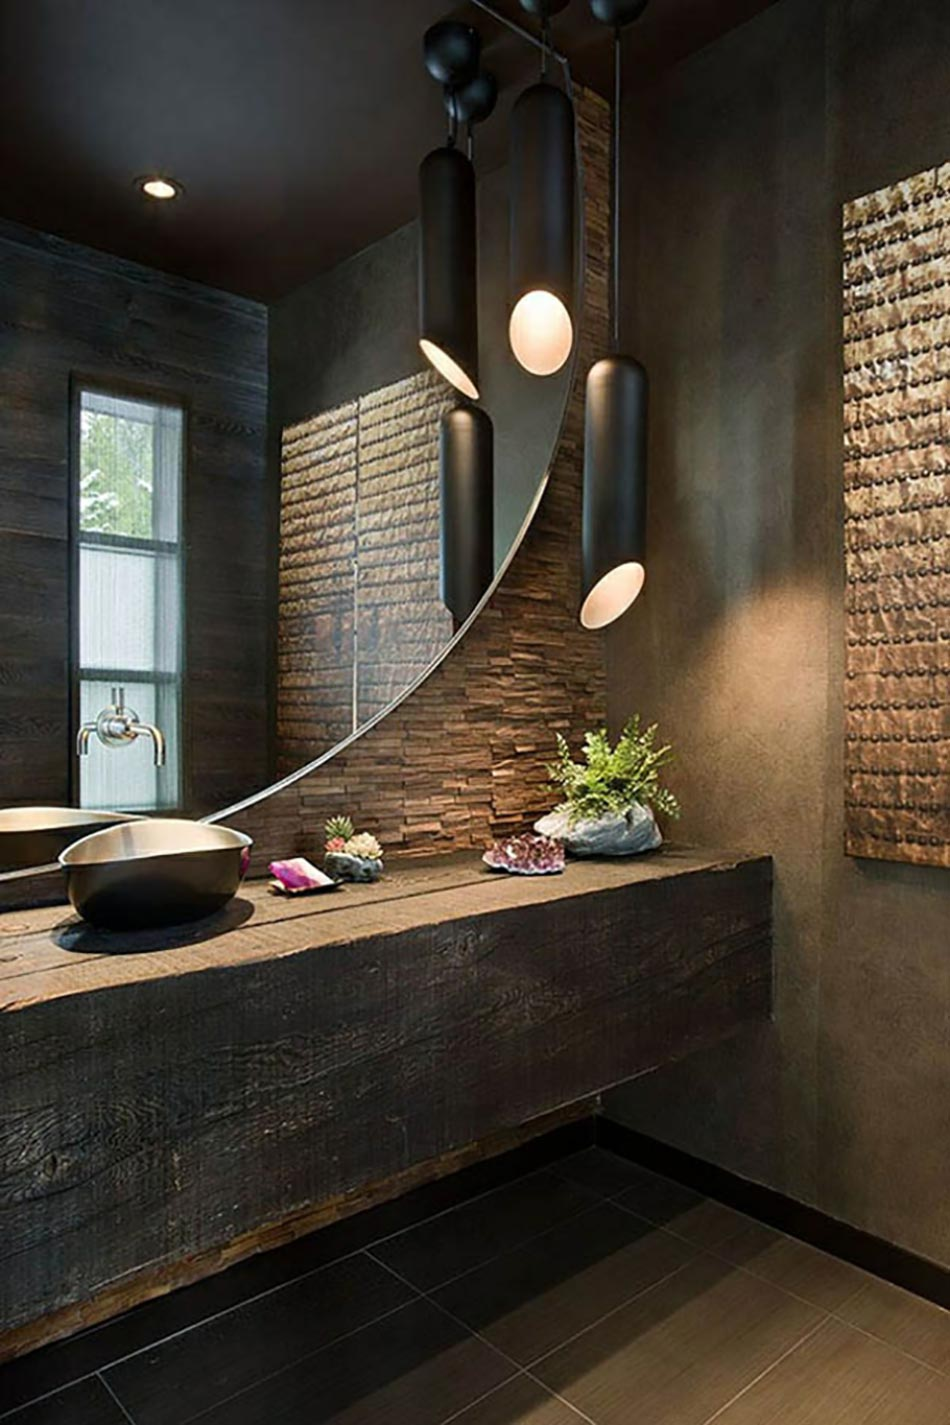 Des teintes sombres pour une salle de bain moderne - Accessoires de salle de bain design ...